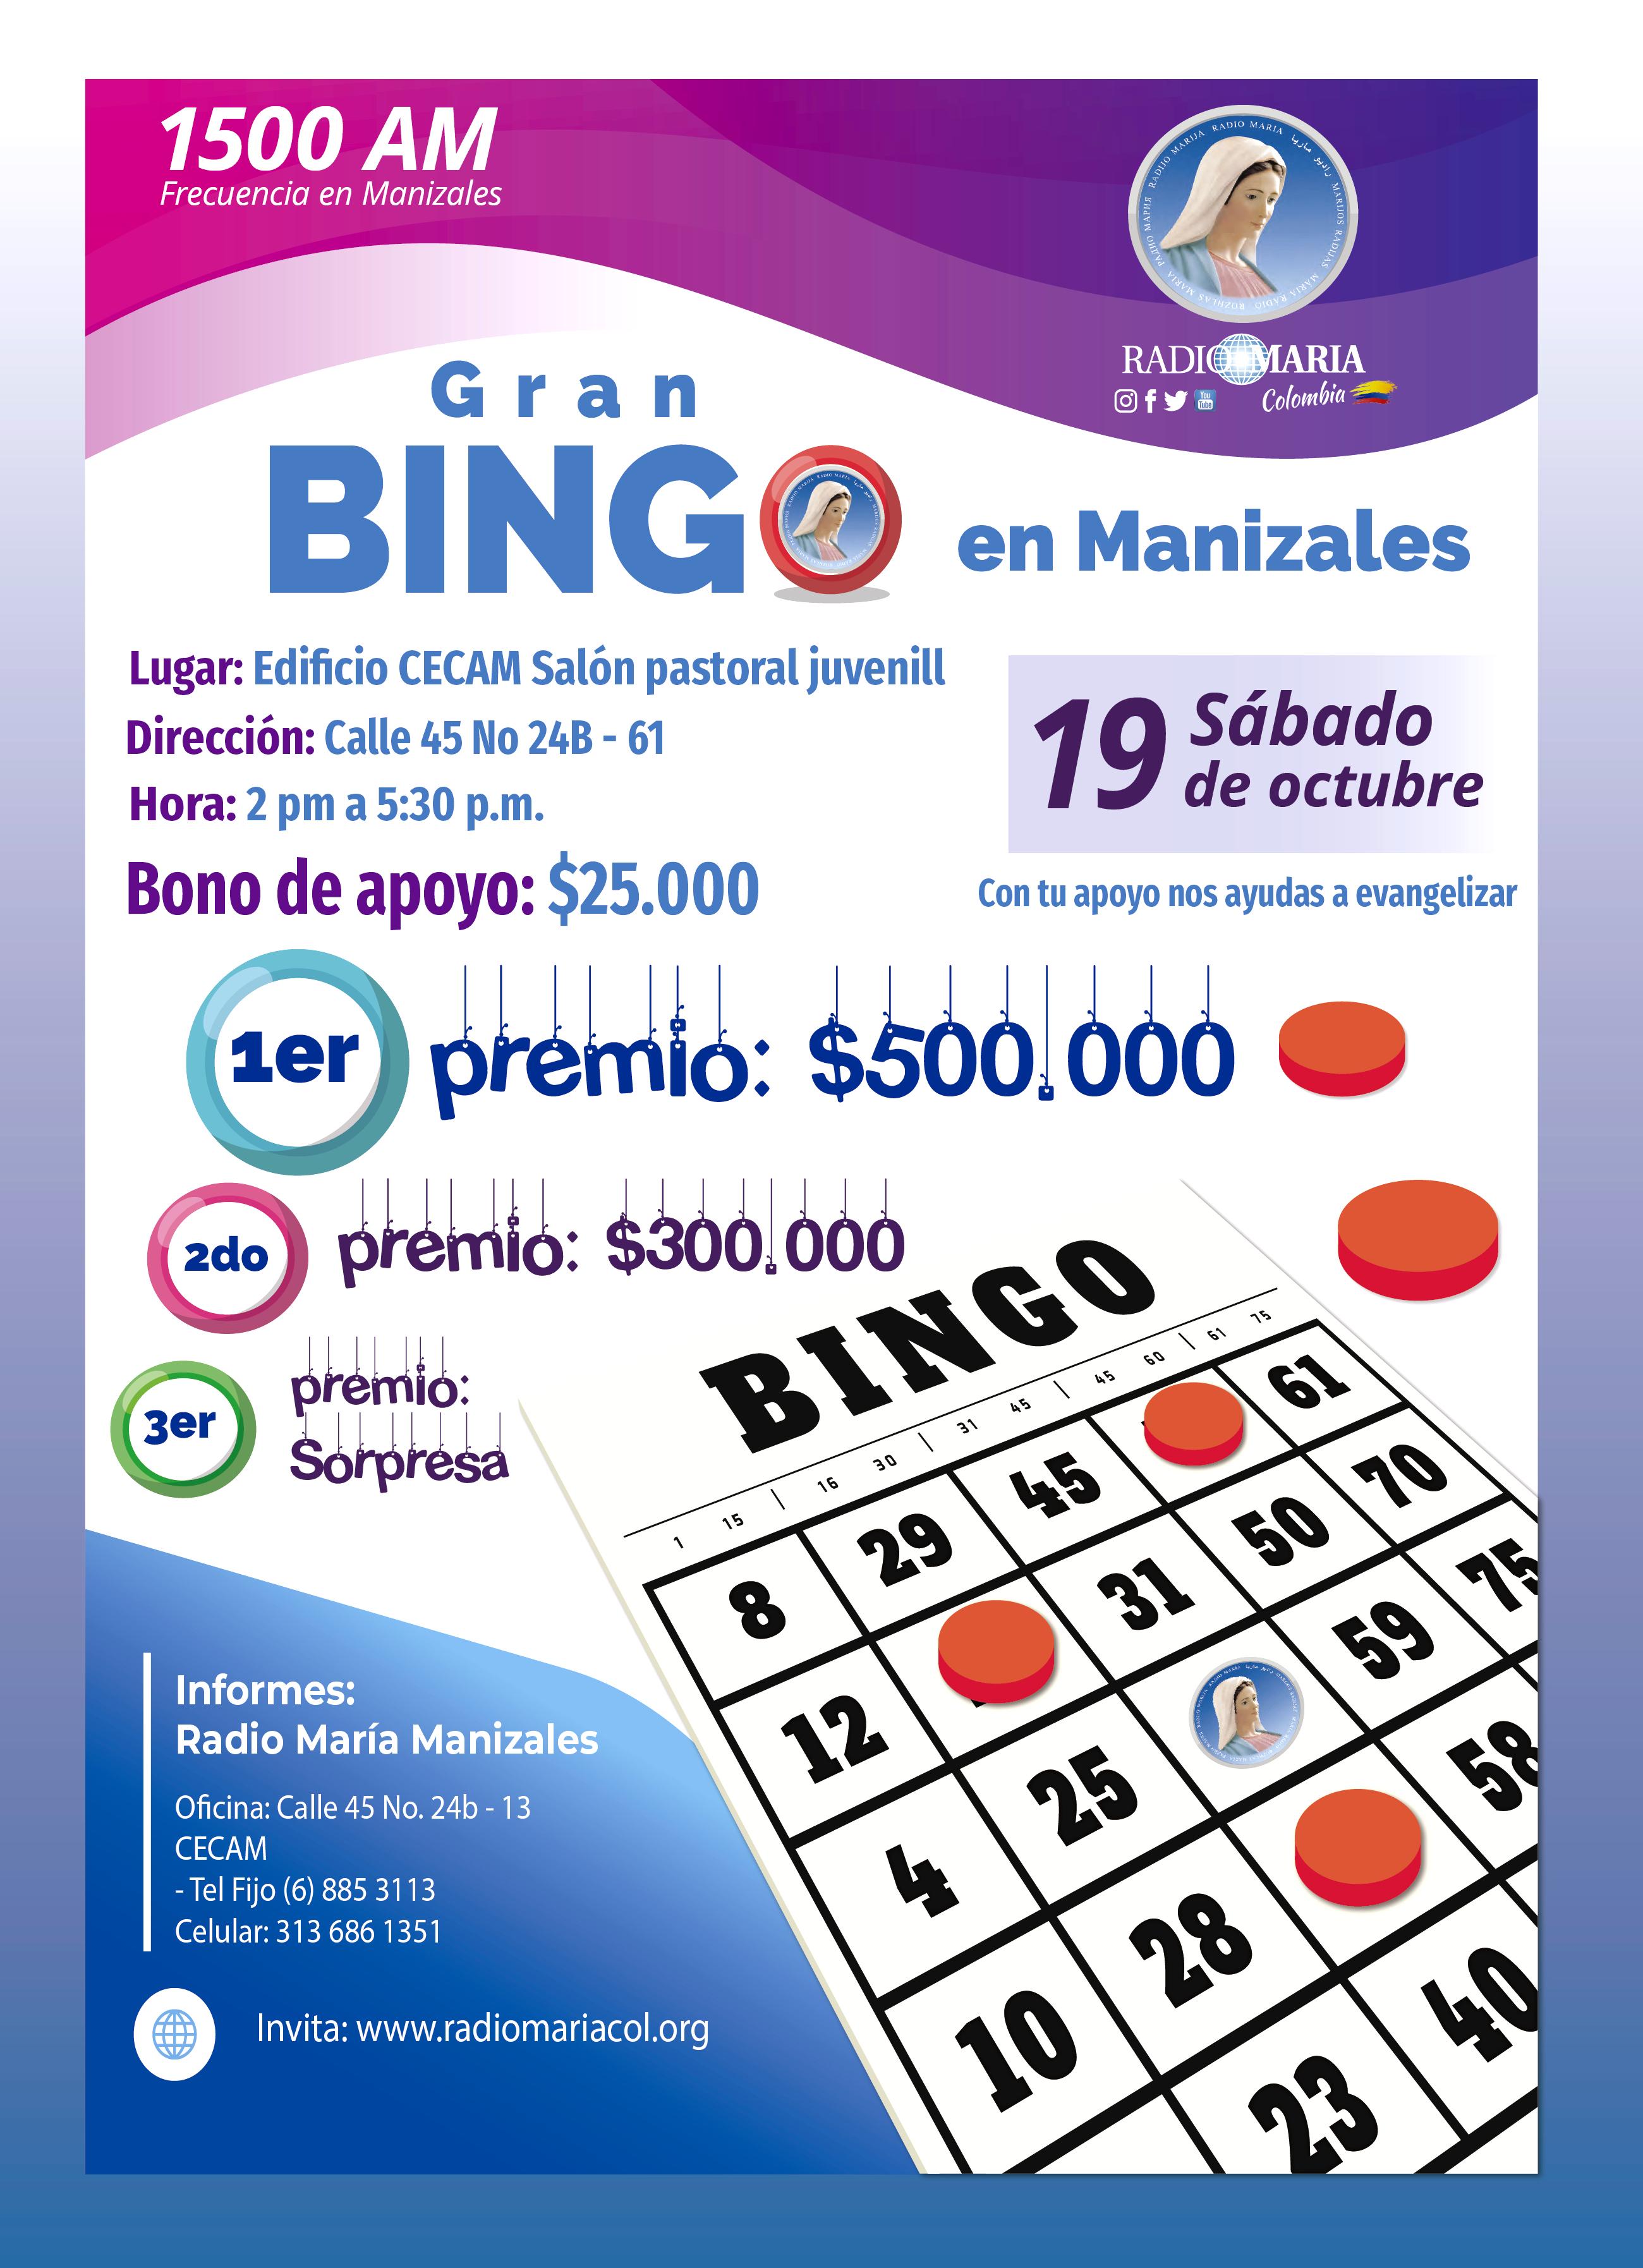 Bingo manizales 19 de octubre